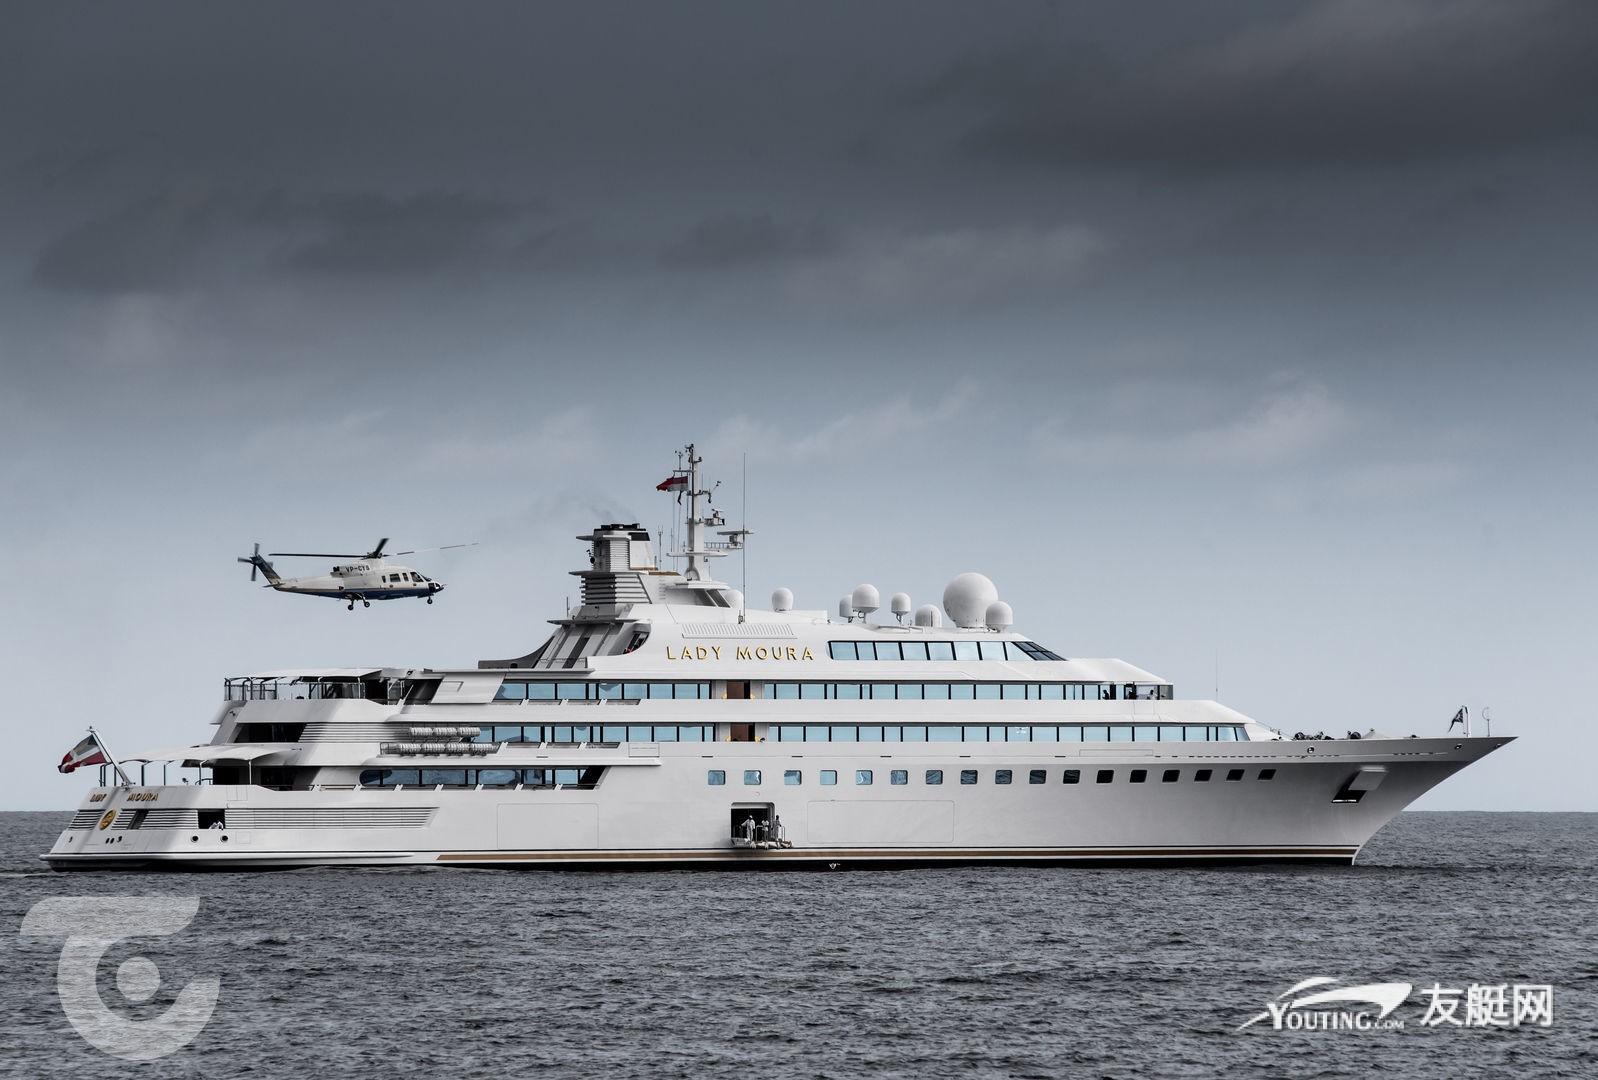 航行在摩纳哥海域的超艇 Lady Moura